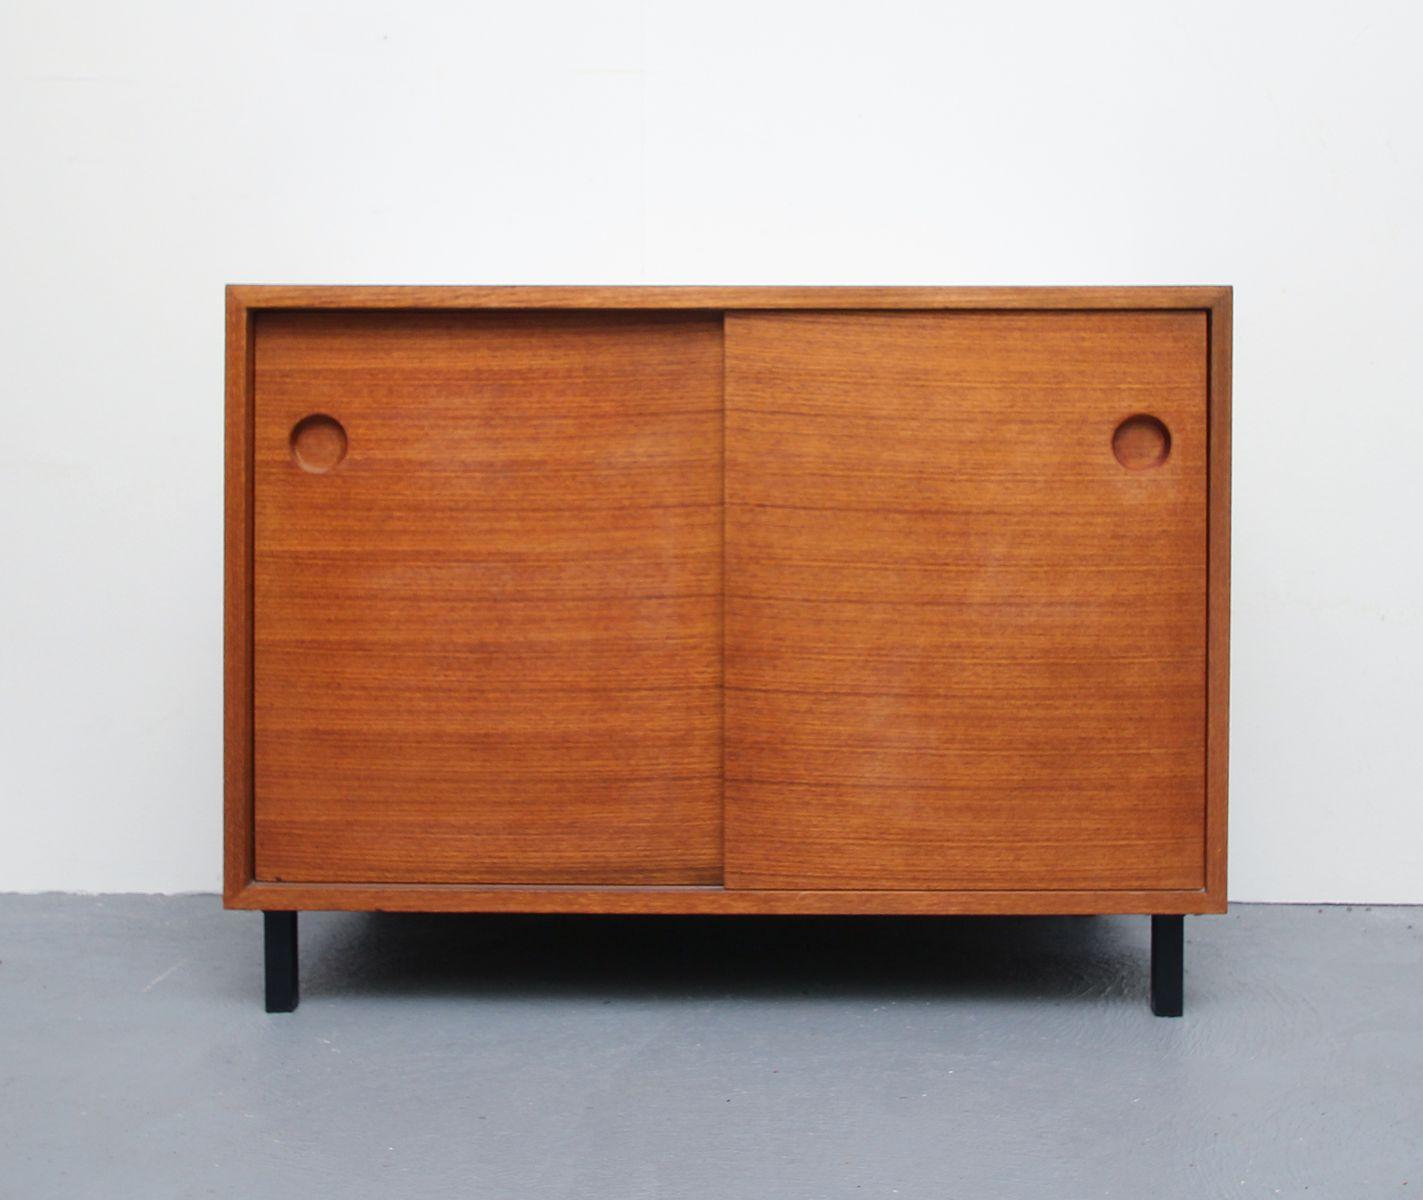 sideboard aus teak furnier resopal mit schiebet ren. Black Bedroom Furniture Sets. Home Design Ideas